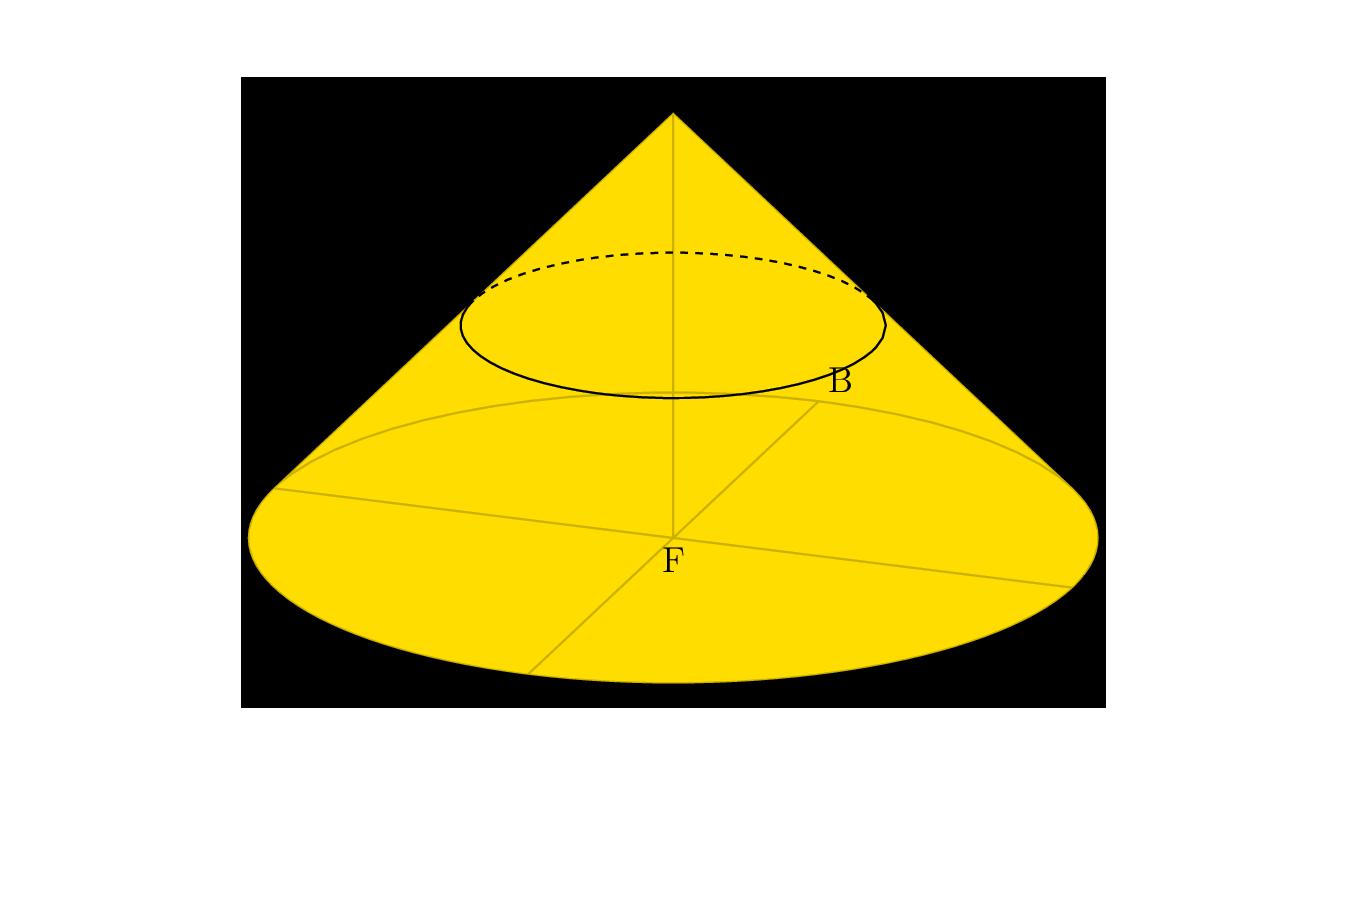 用 TiKZ 绘制空间几何的图形